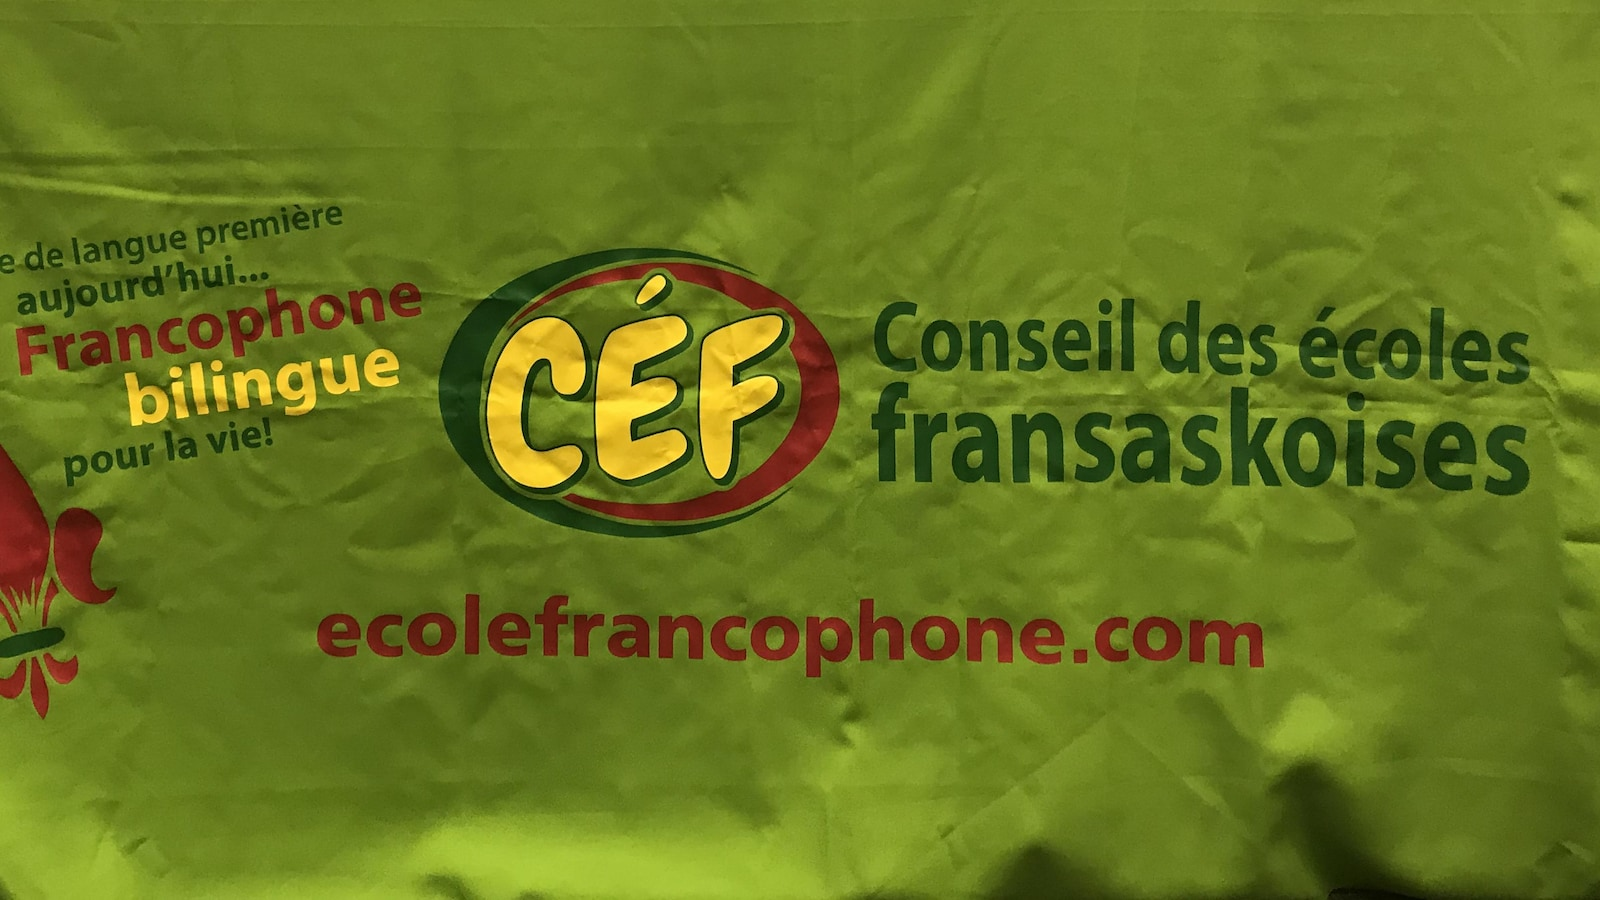 Une table aux couleurs du Conseil des écoles fransaskoises, avec le logo jaune et vert et rouge, ainsi que des éléments sur la table, comme une balance et un projecteur